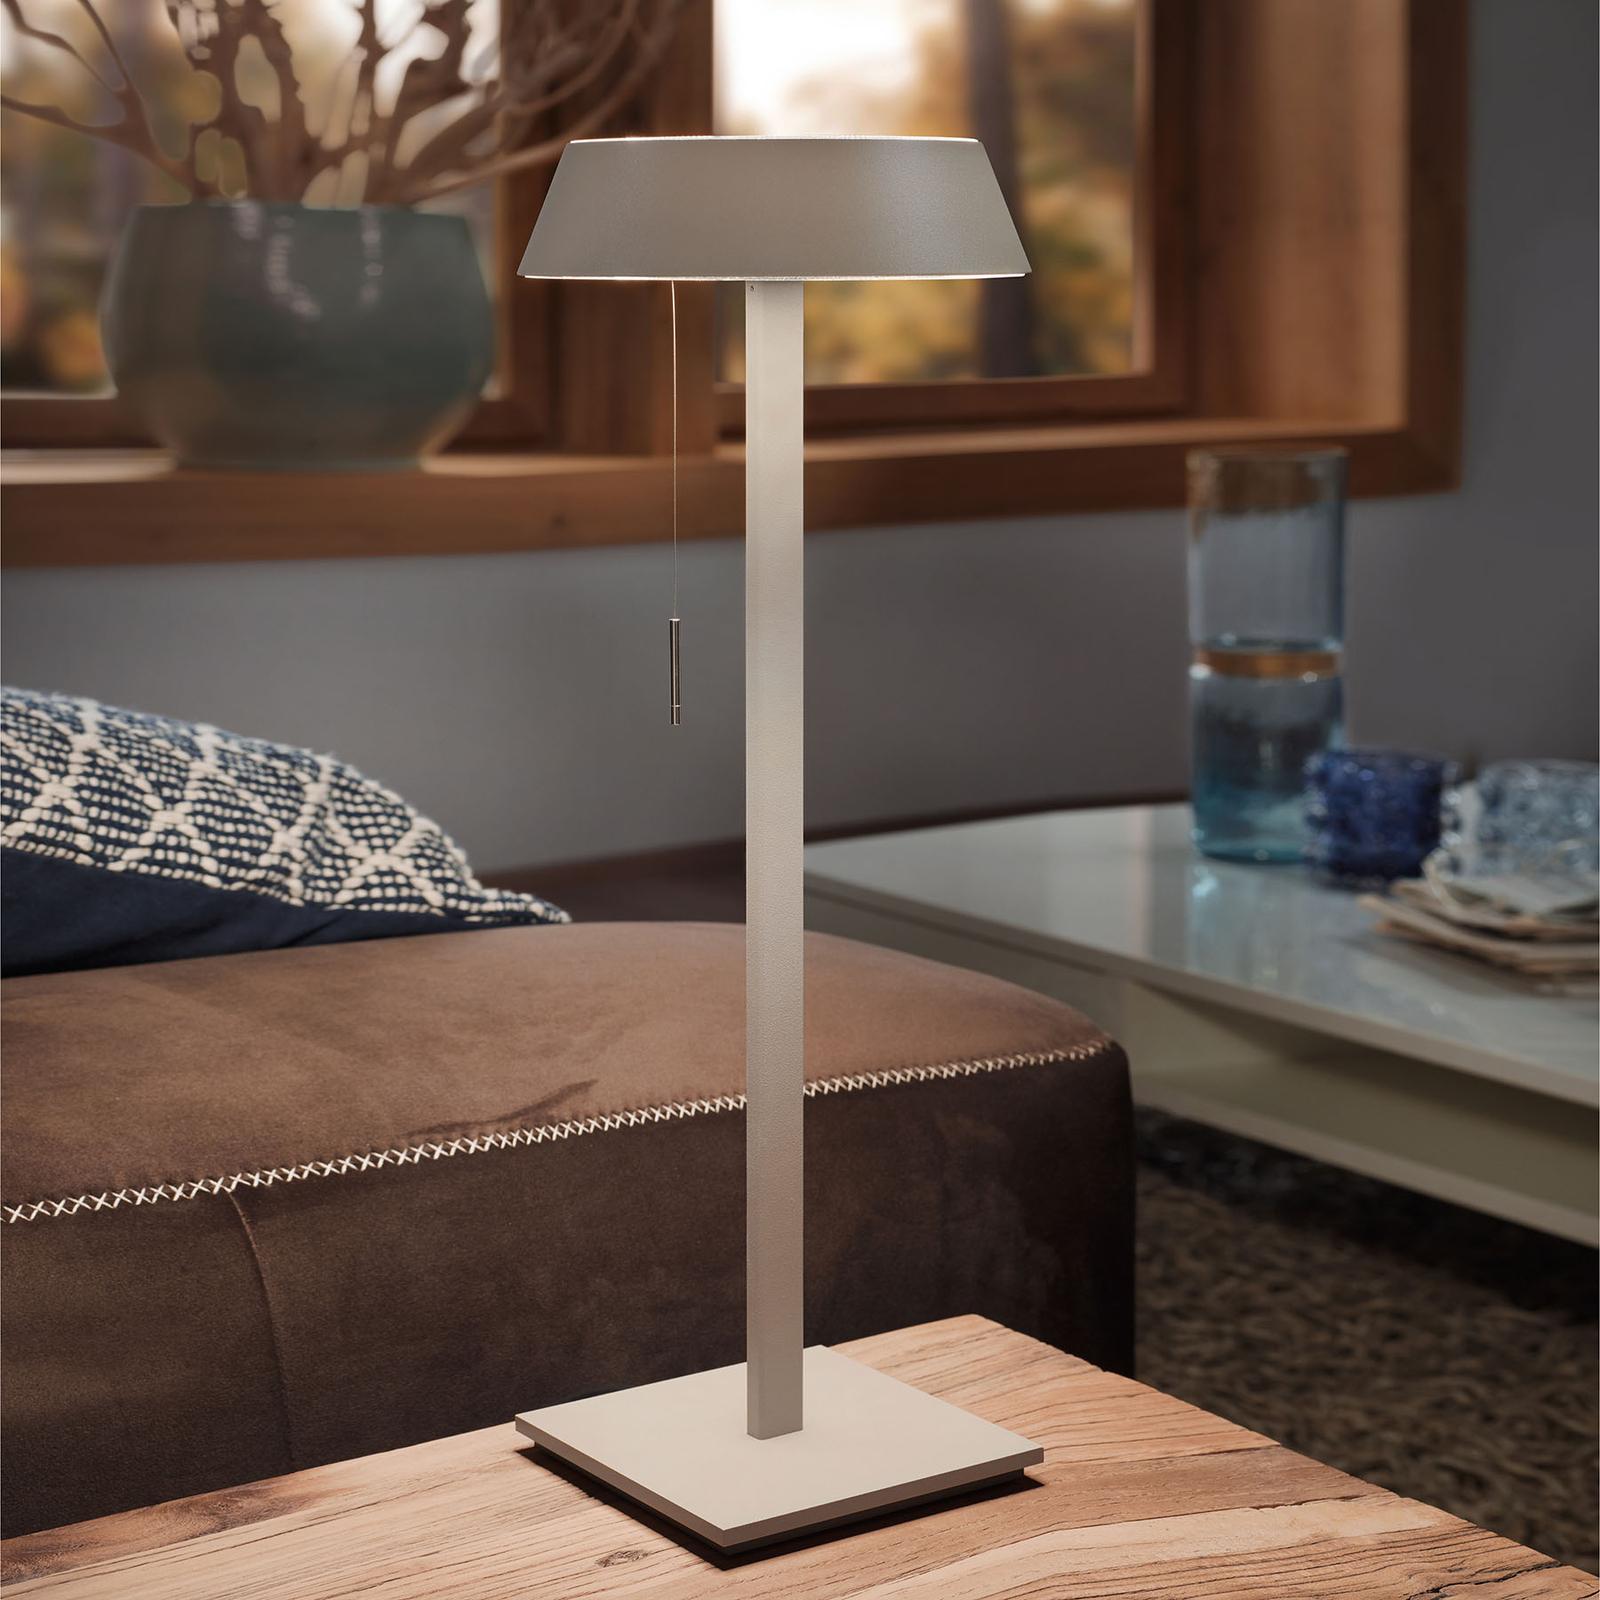 OLIGO Glance LED-pöytälamppu, kashmir